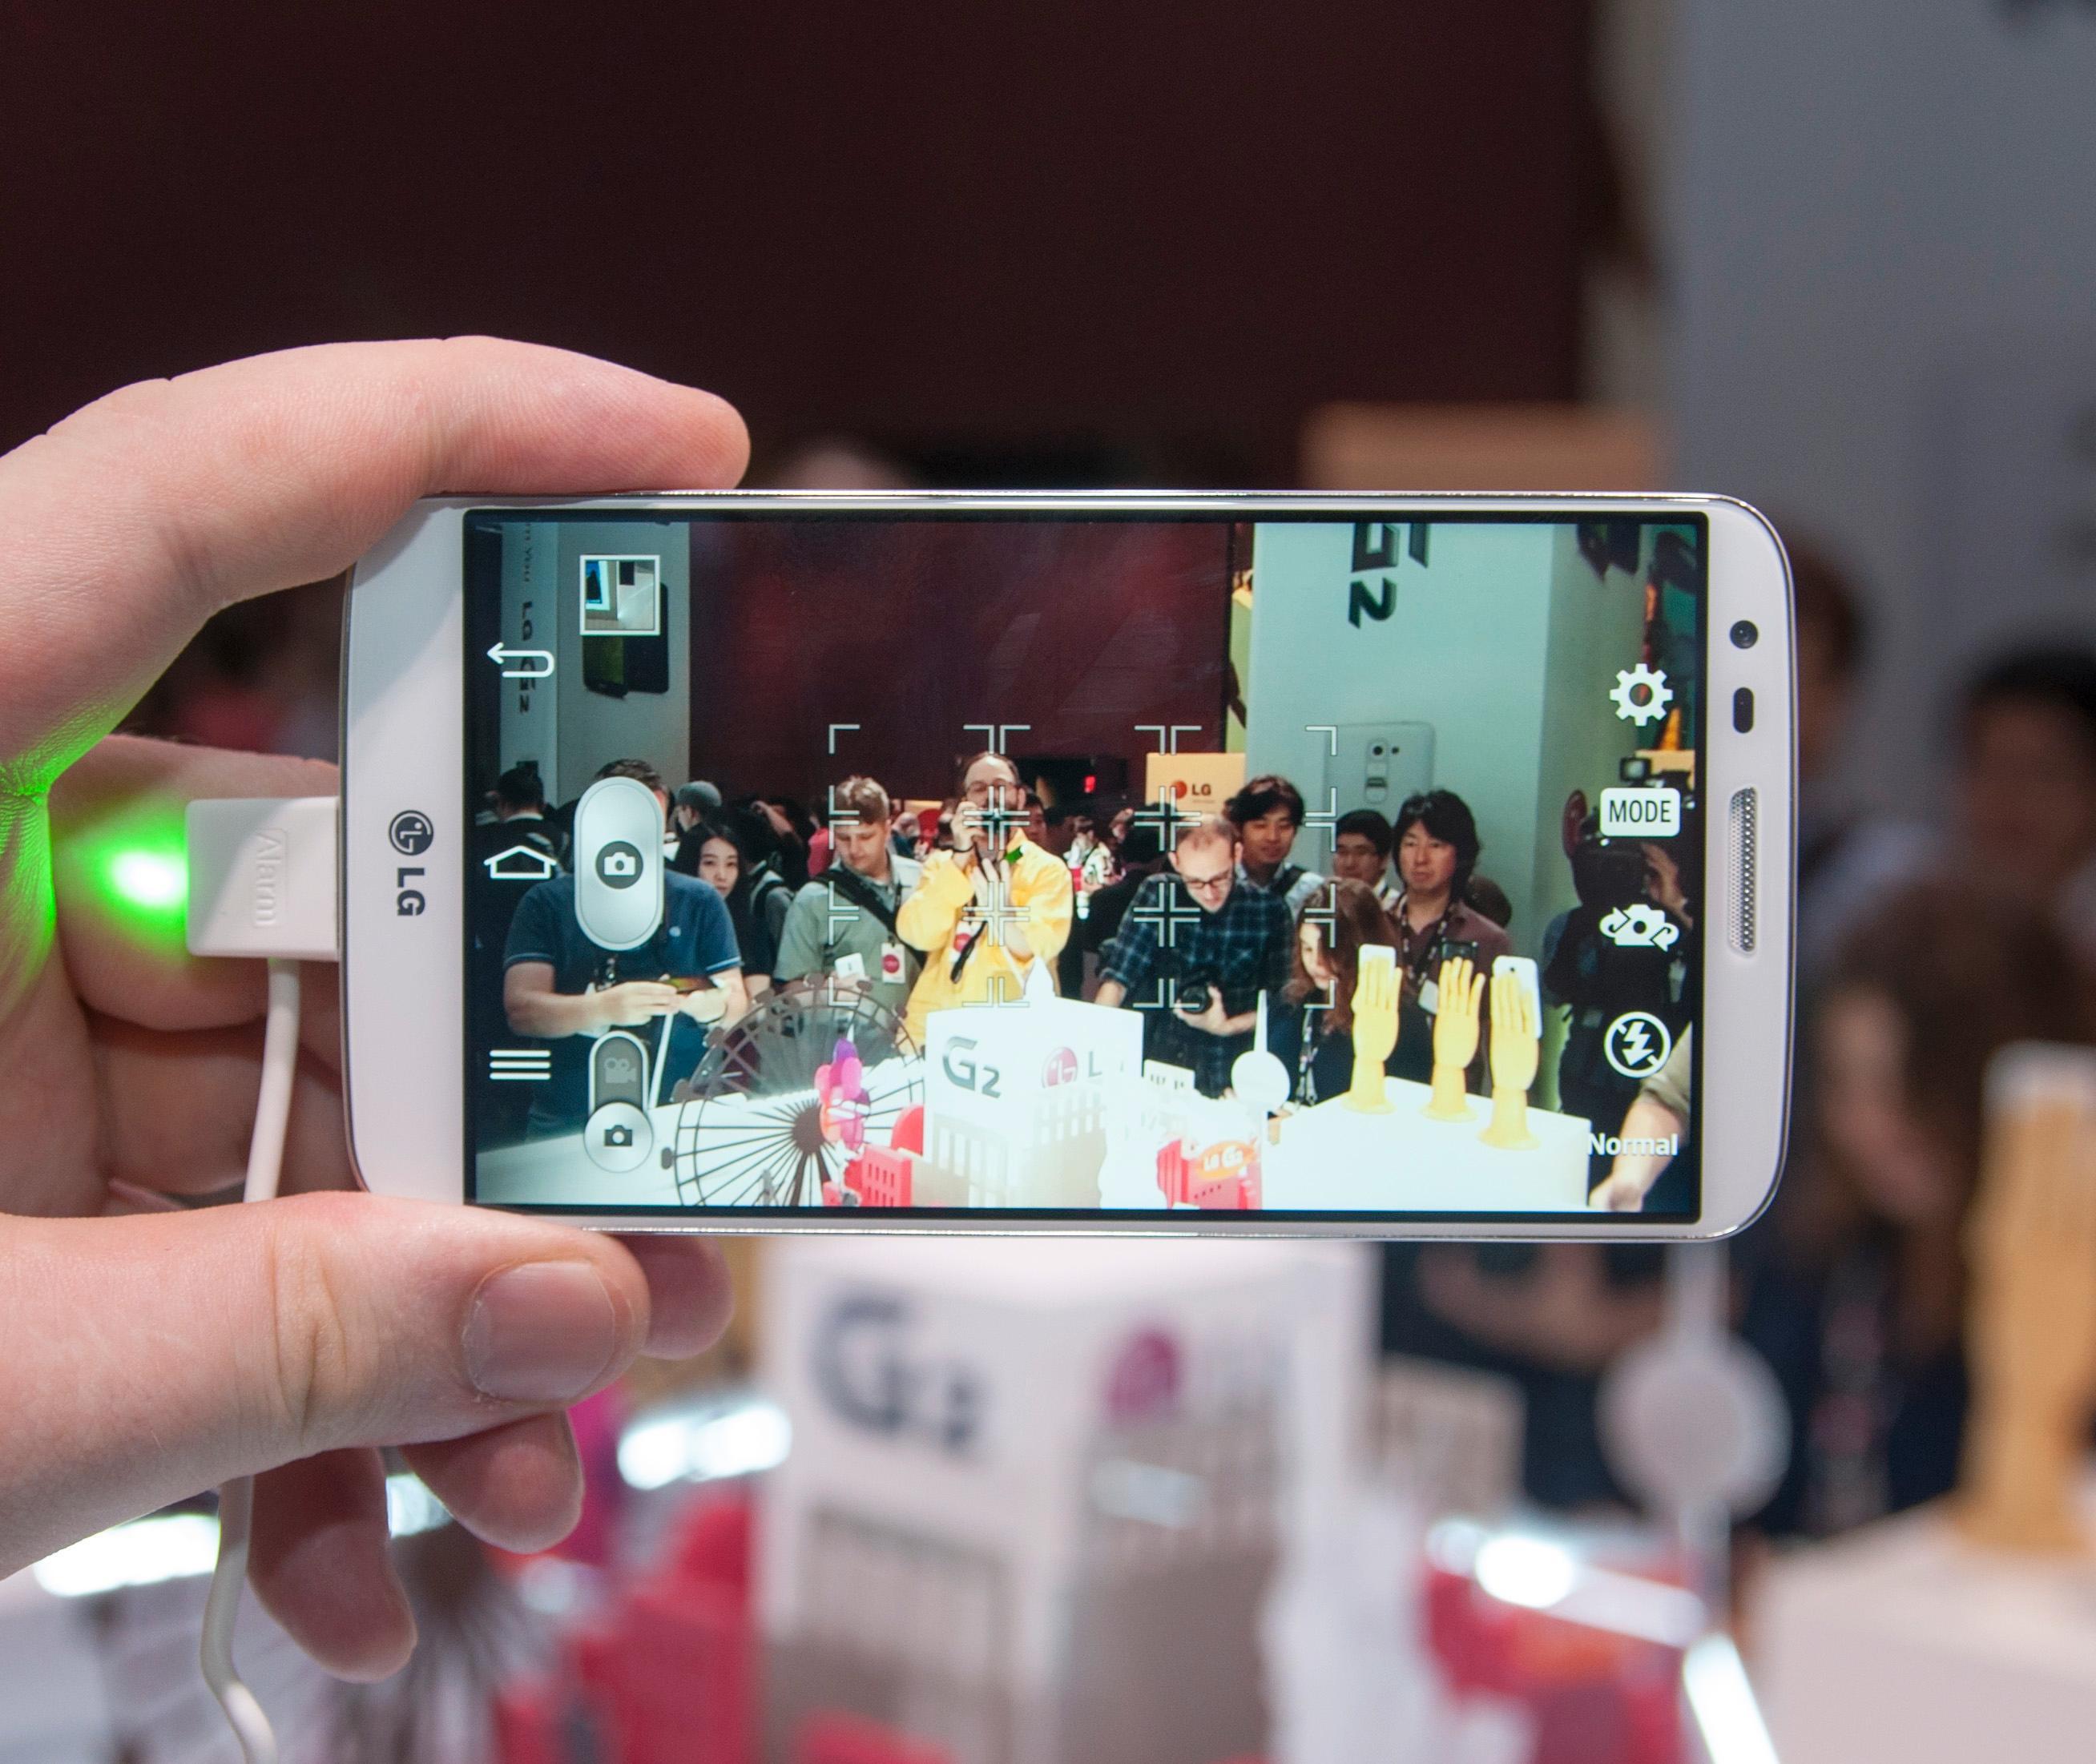 LG skryter veldig av kameraet i nye G2.Foto: Finn Jarle Kvalheim, Amobil.no